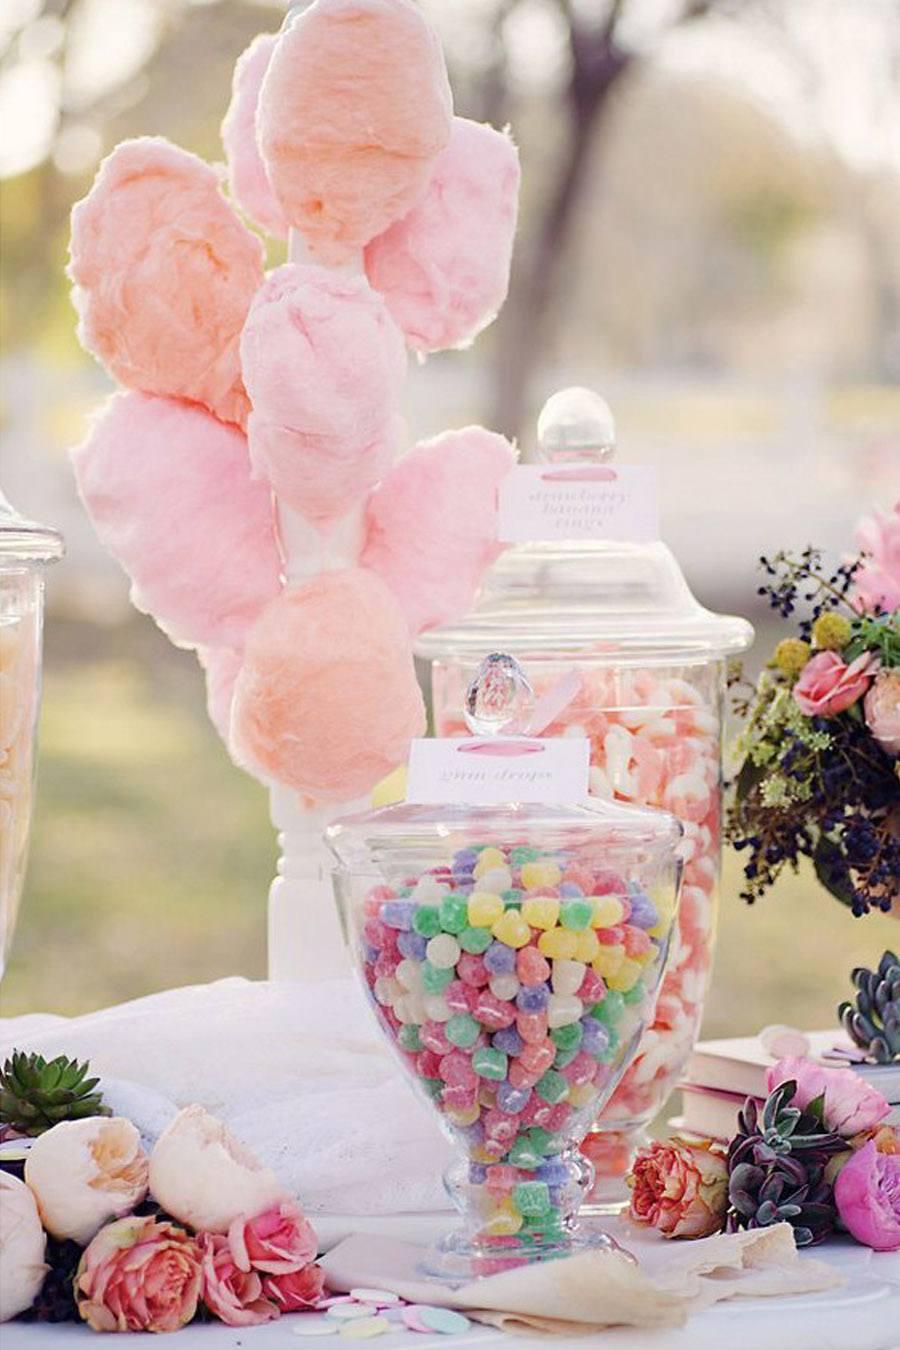 BODAS CON ALGODÓN DE AZÚCAR bodas-de-algodon-azucar